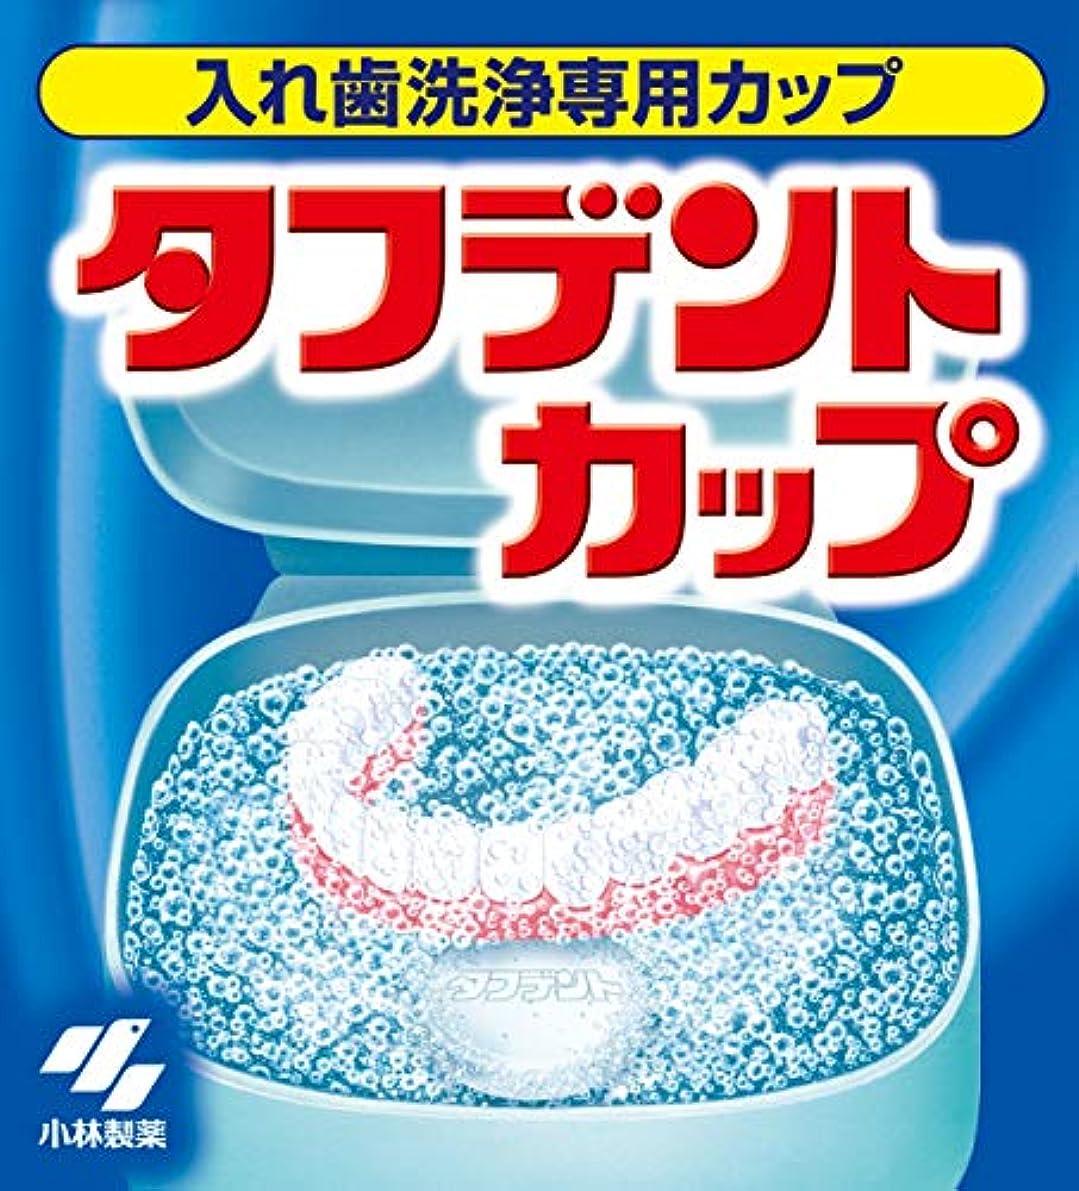 アイスクリーム市民霜タフデントカップ 入れ歯洗浄専用カップ